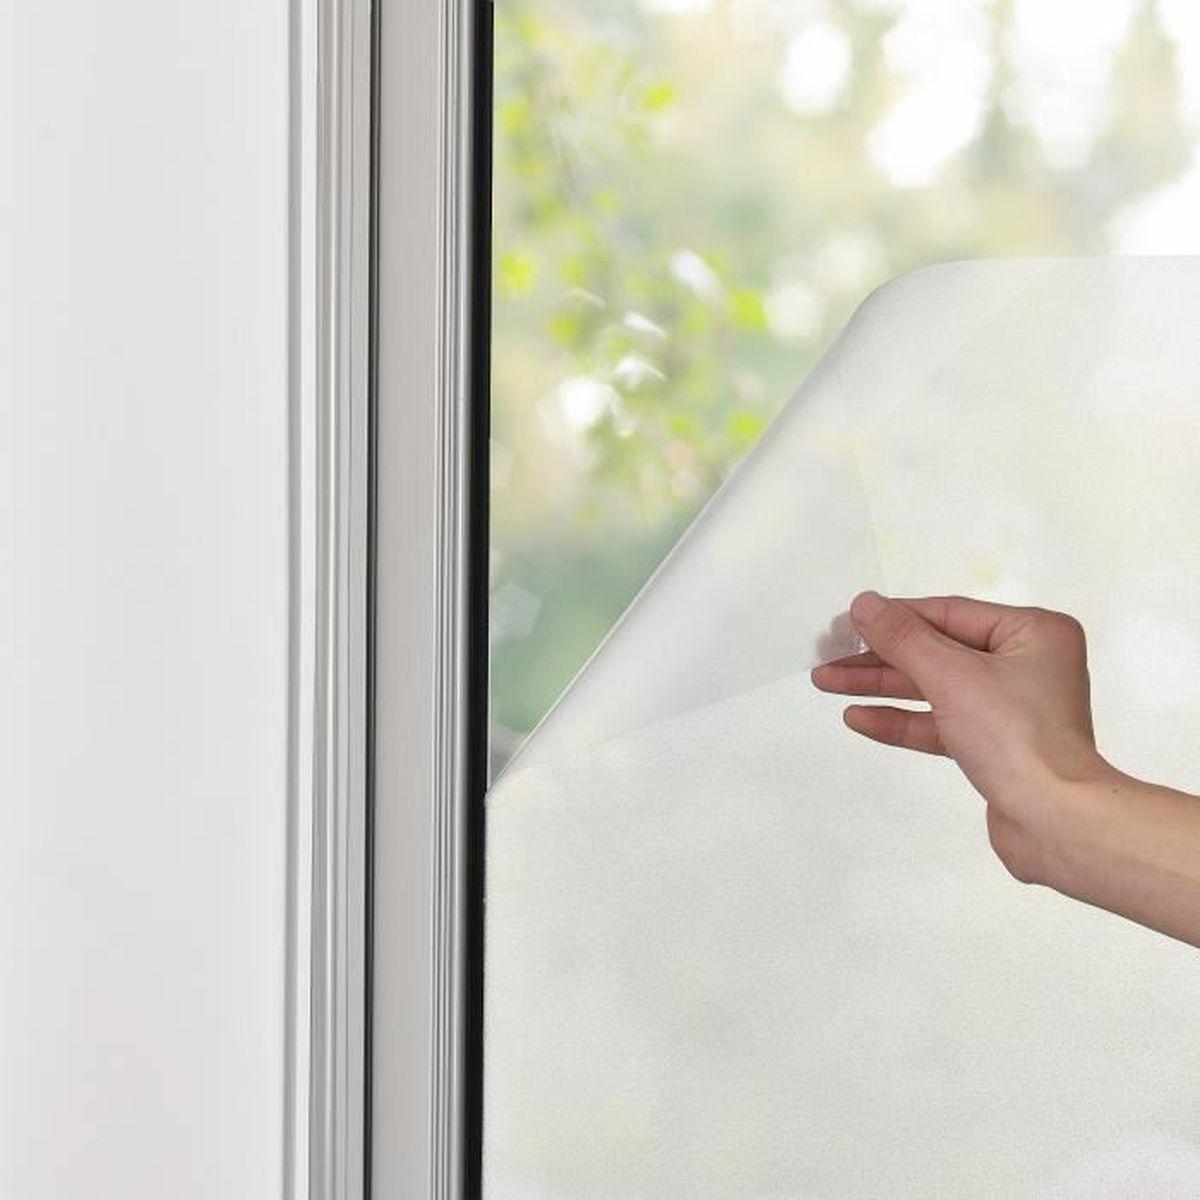 racle f/én/être protection contre les regards casa.pro Film anti-regards verre laiteux autocollant frosted 50cm x 1m incl.